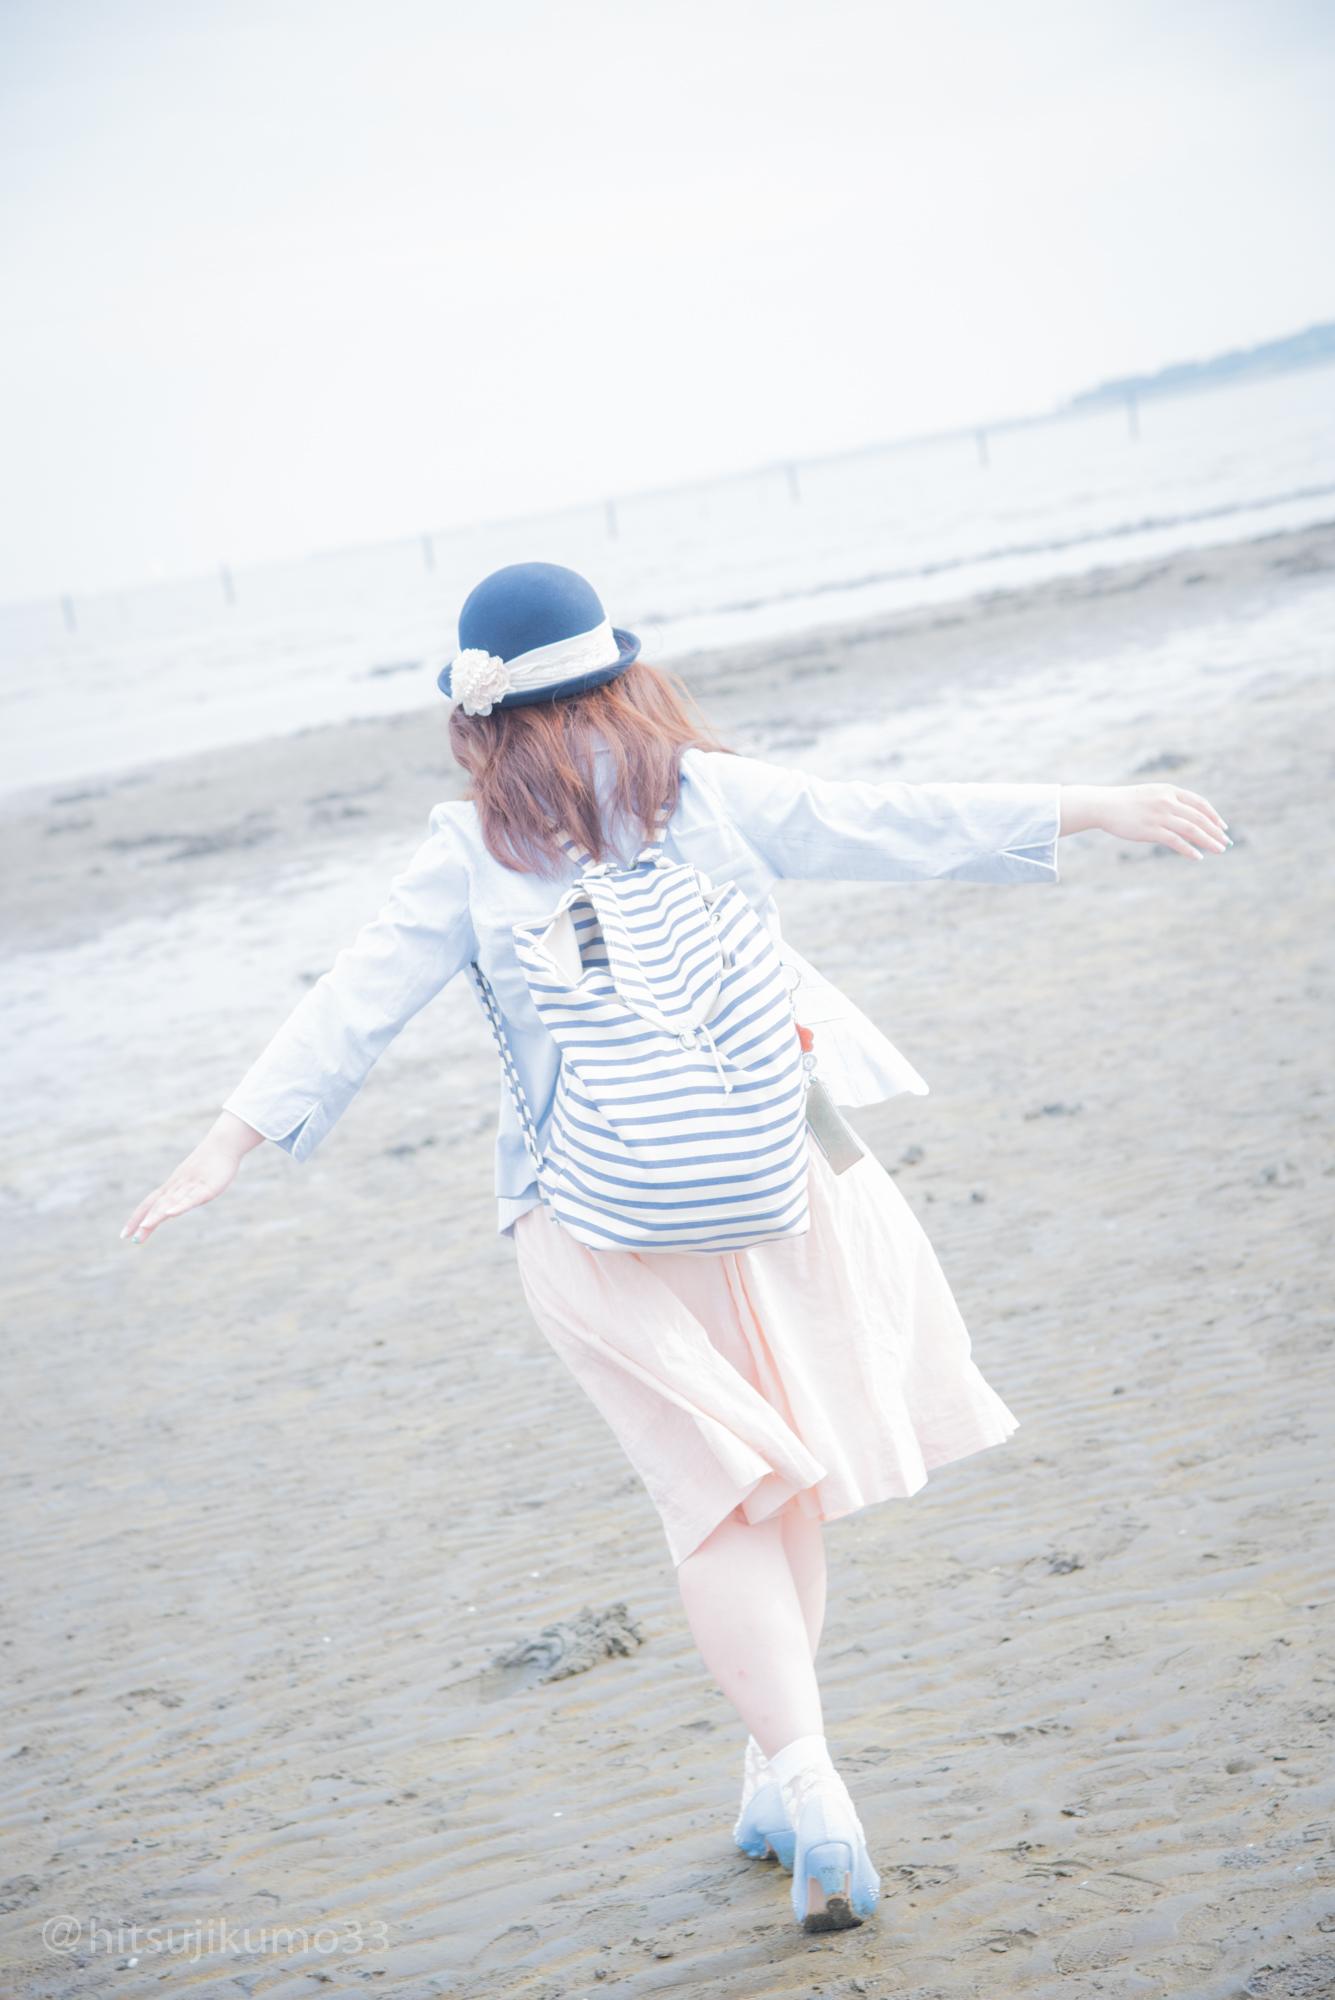 小林直行 カメラマン/写真 ポートレート写真1